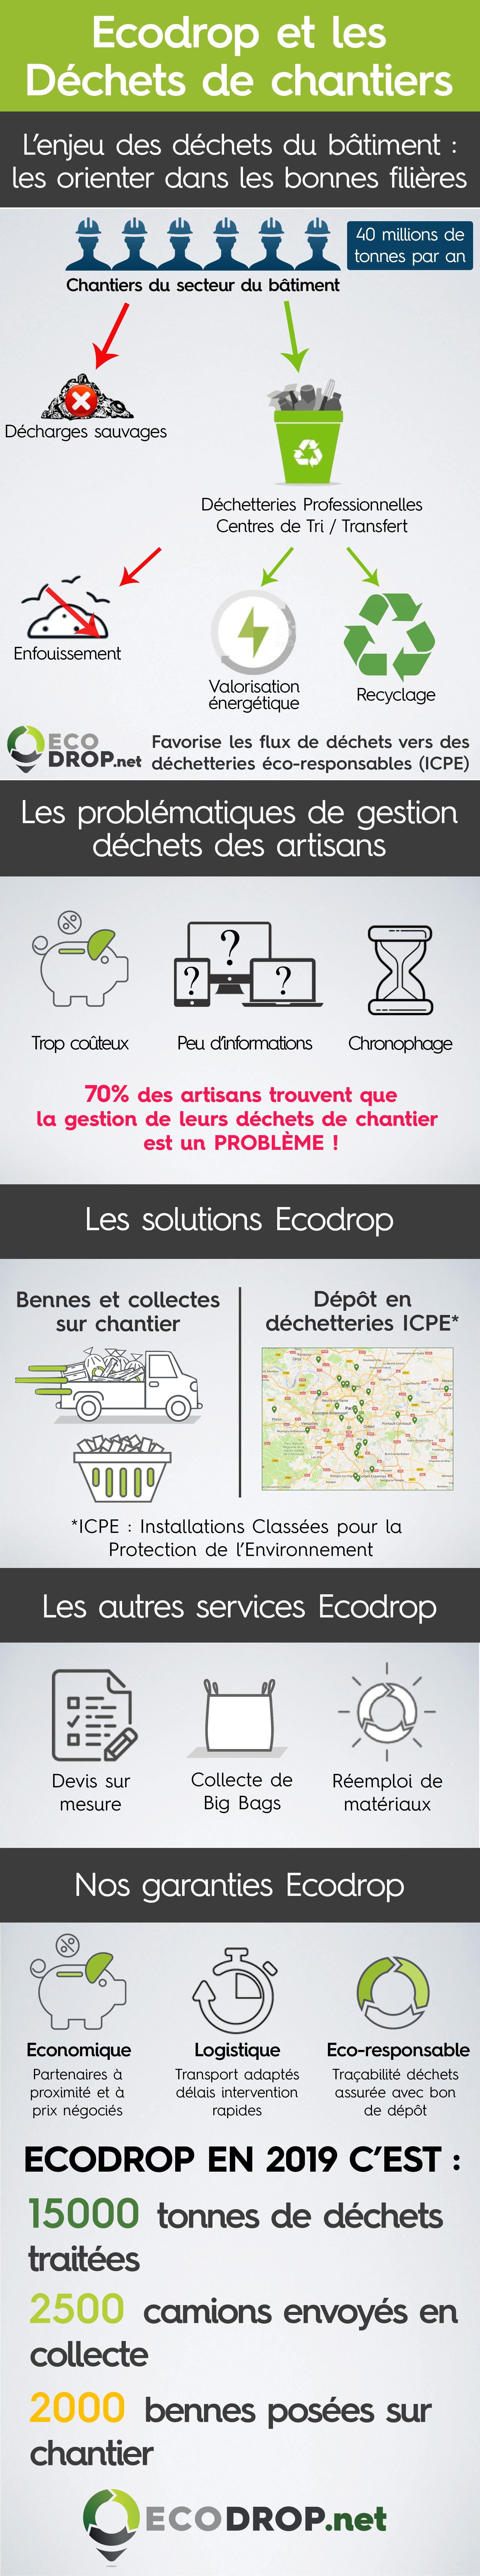 Infographie Ecodrop